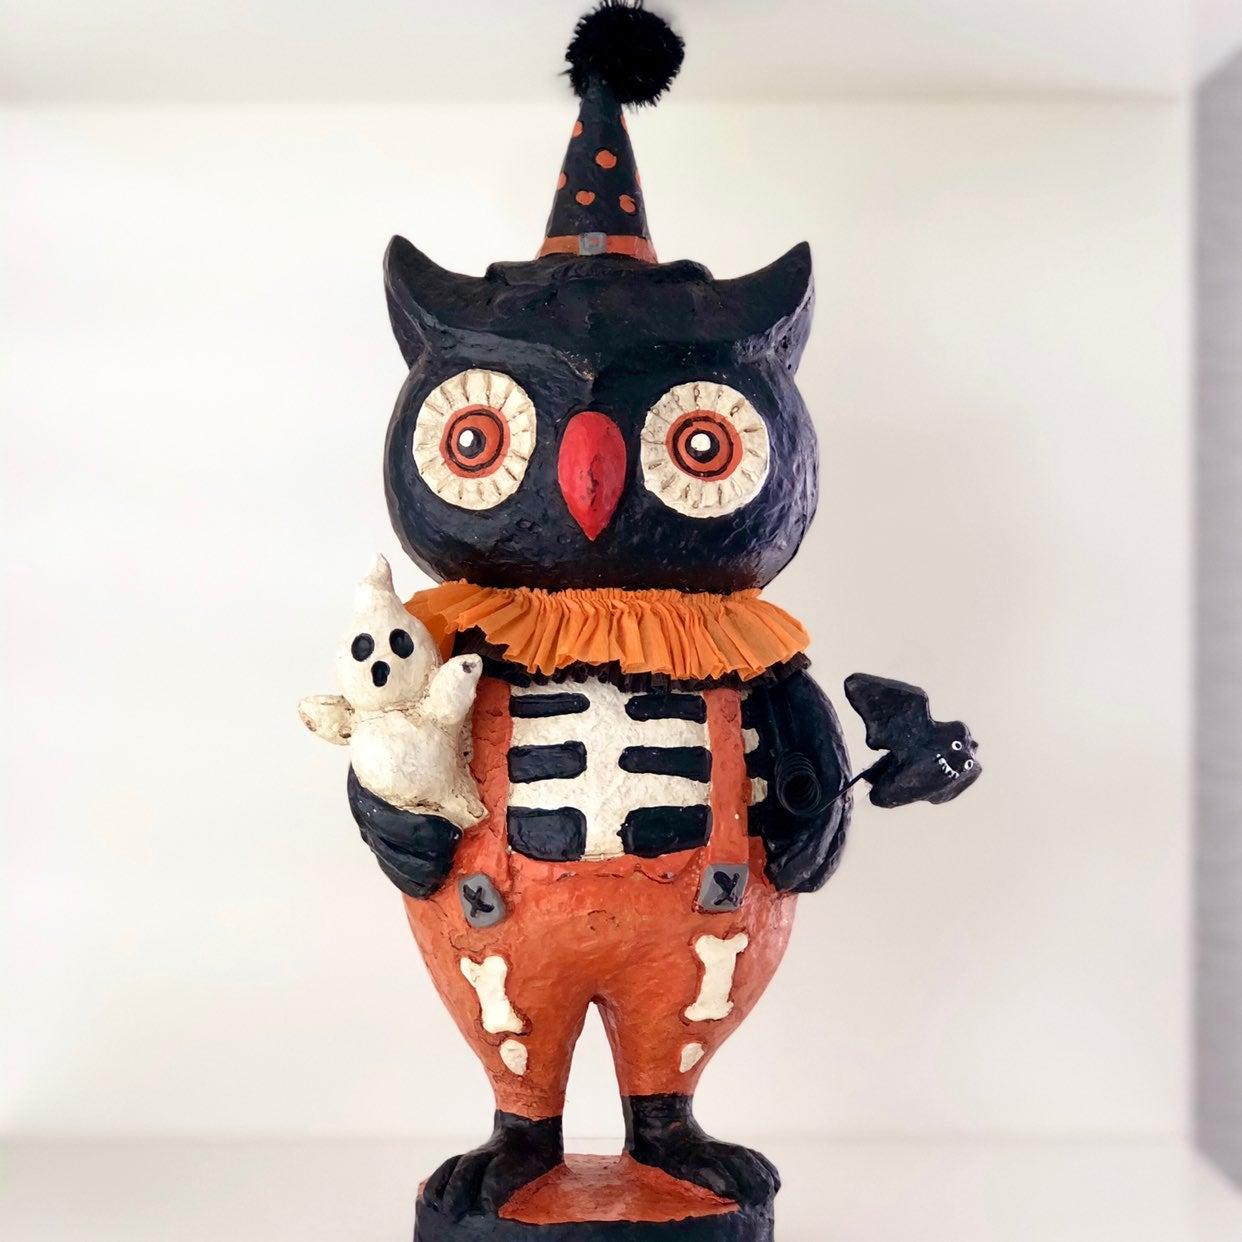 Vintage Halloween Black Owl Figurine